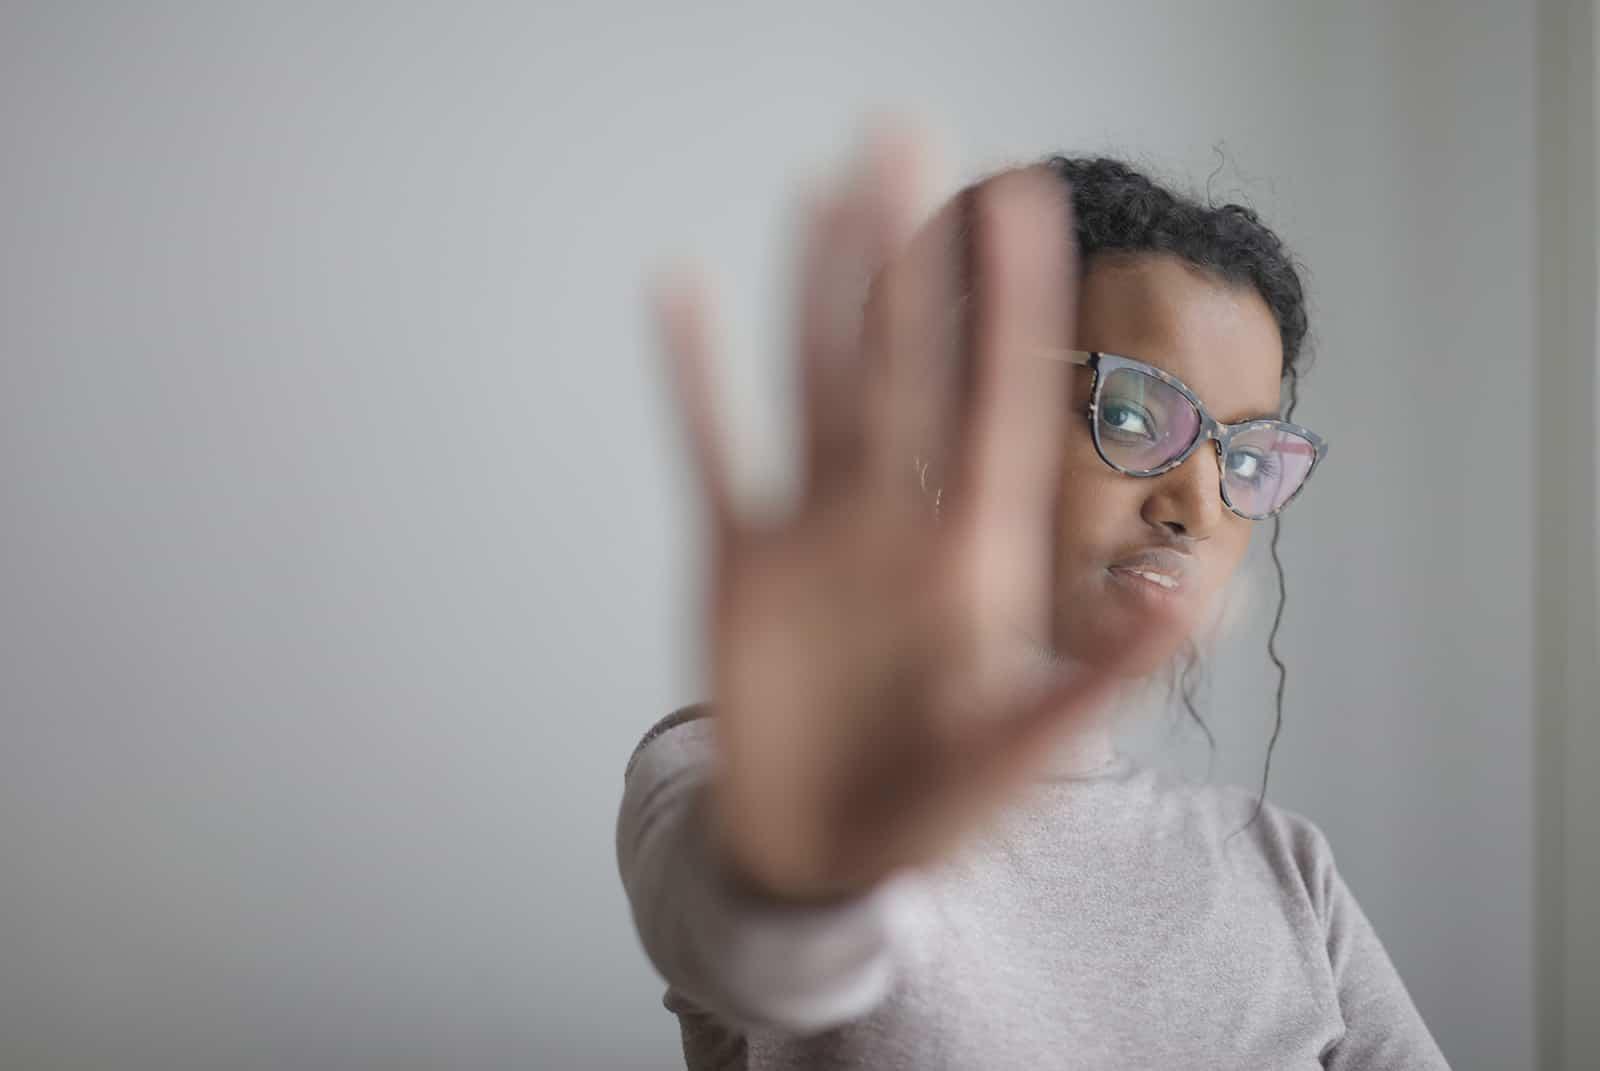 une femme levant la main faisant un geste d'arrêt